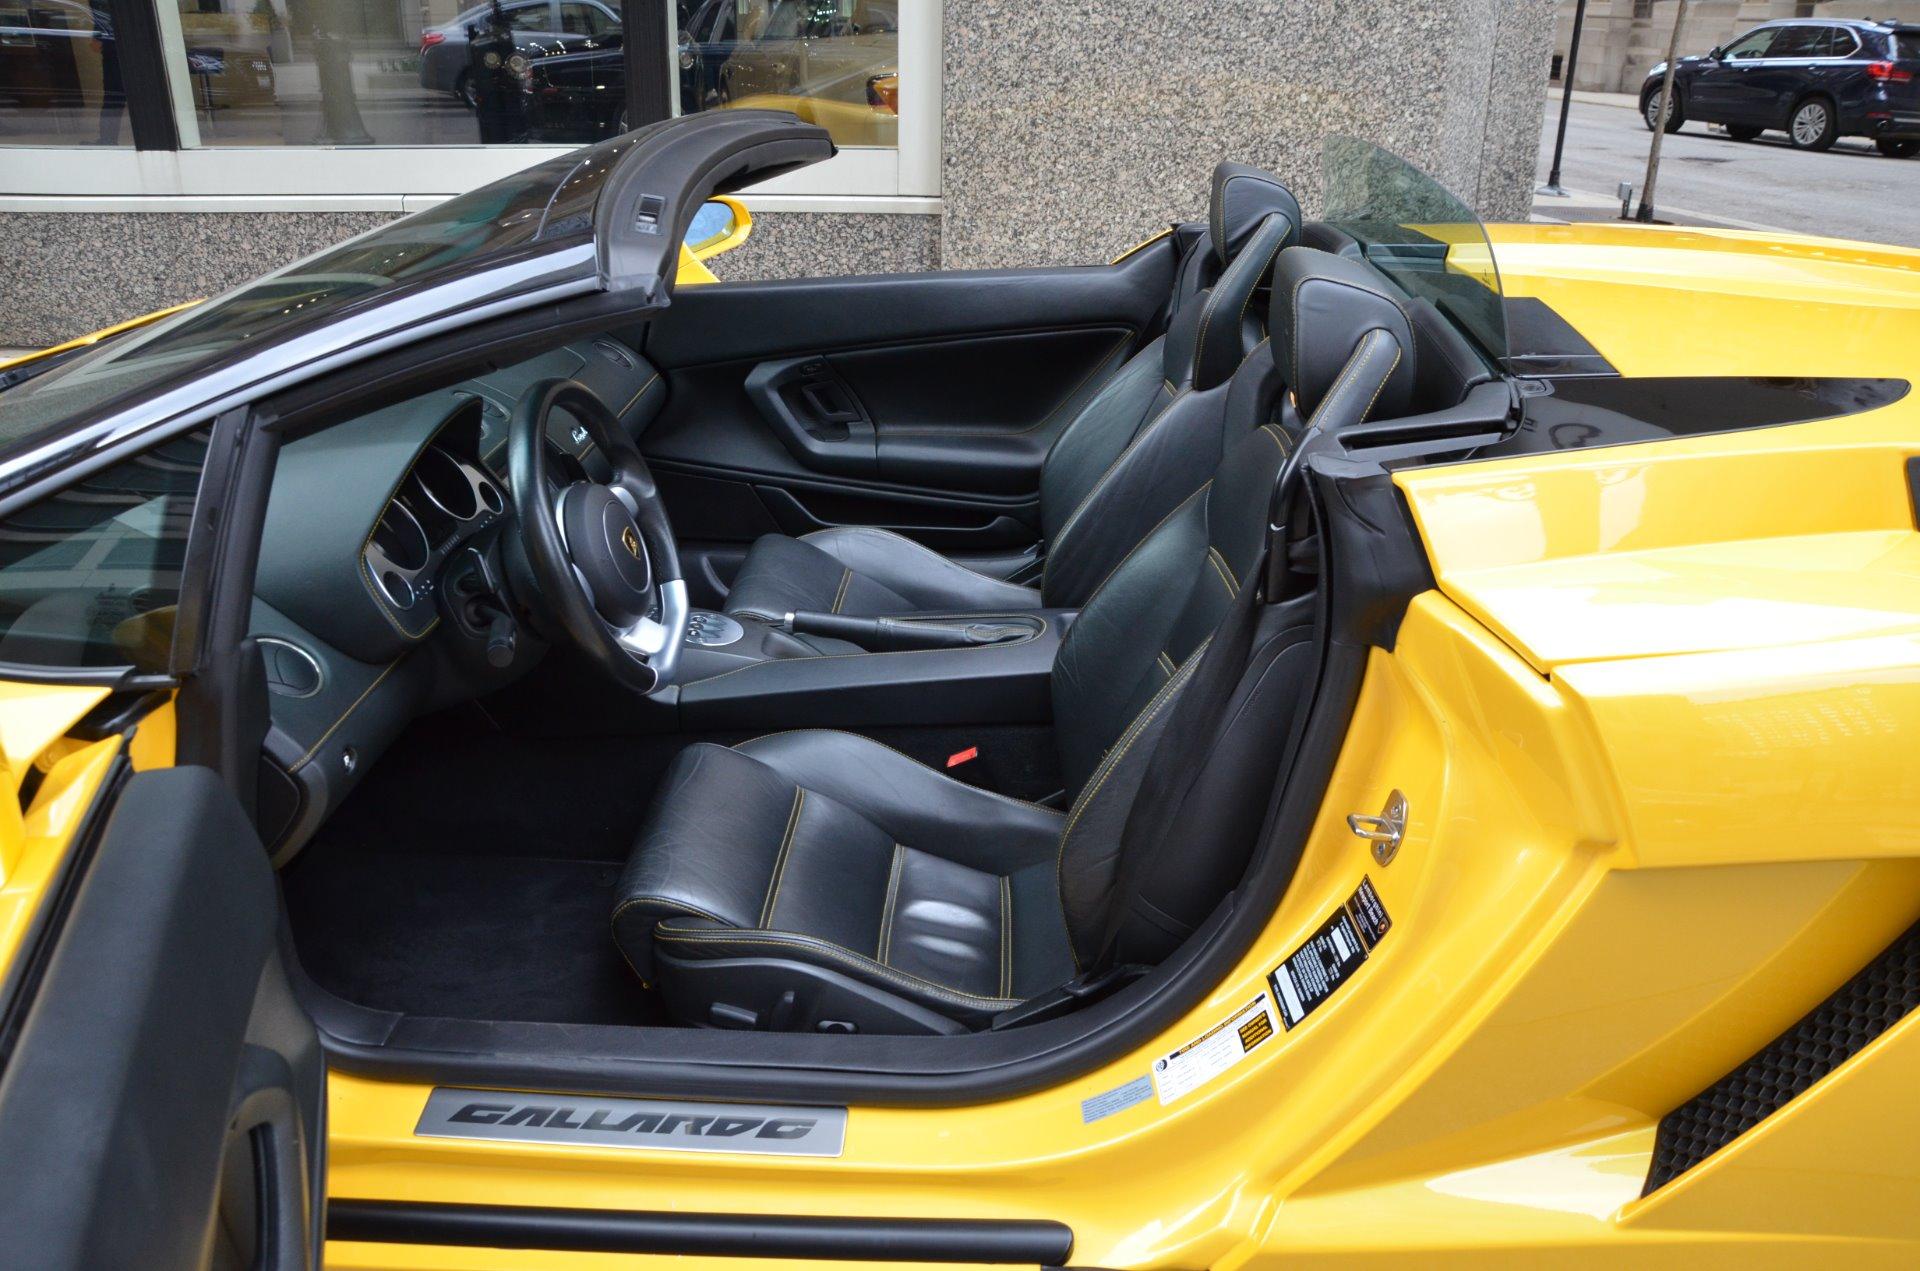 Used 2007 Lamborghini Gallardo Spyder Spyder | Chicago, IL